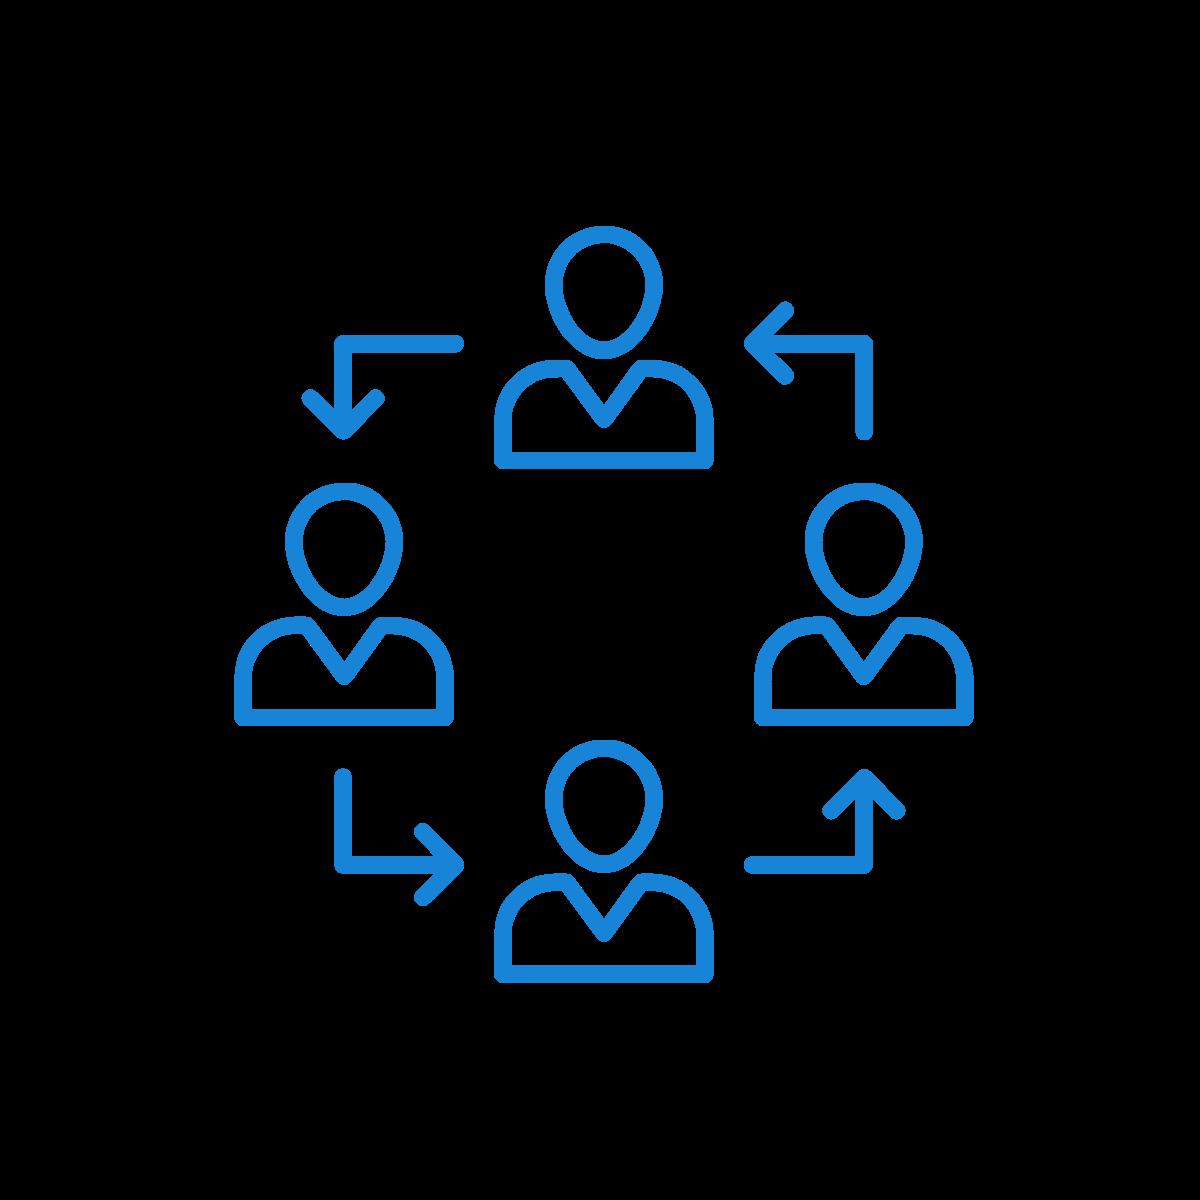 noun_hierarchy_870080